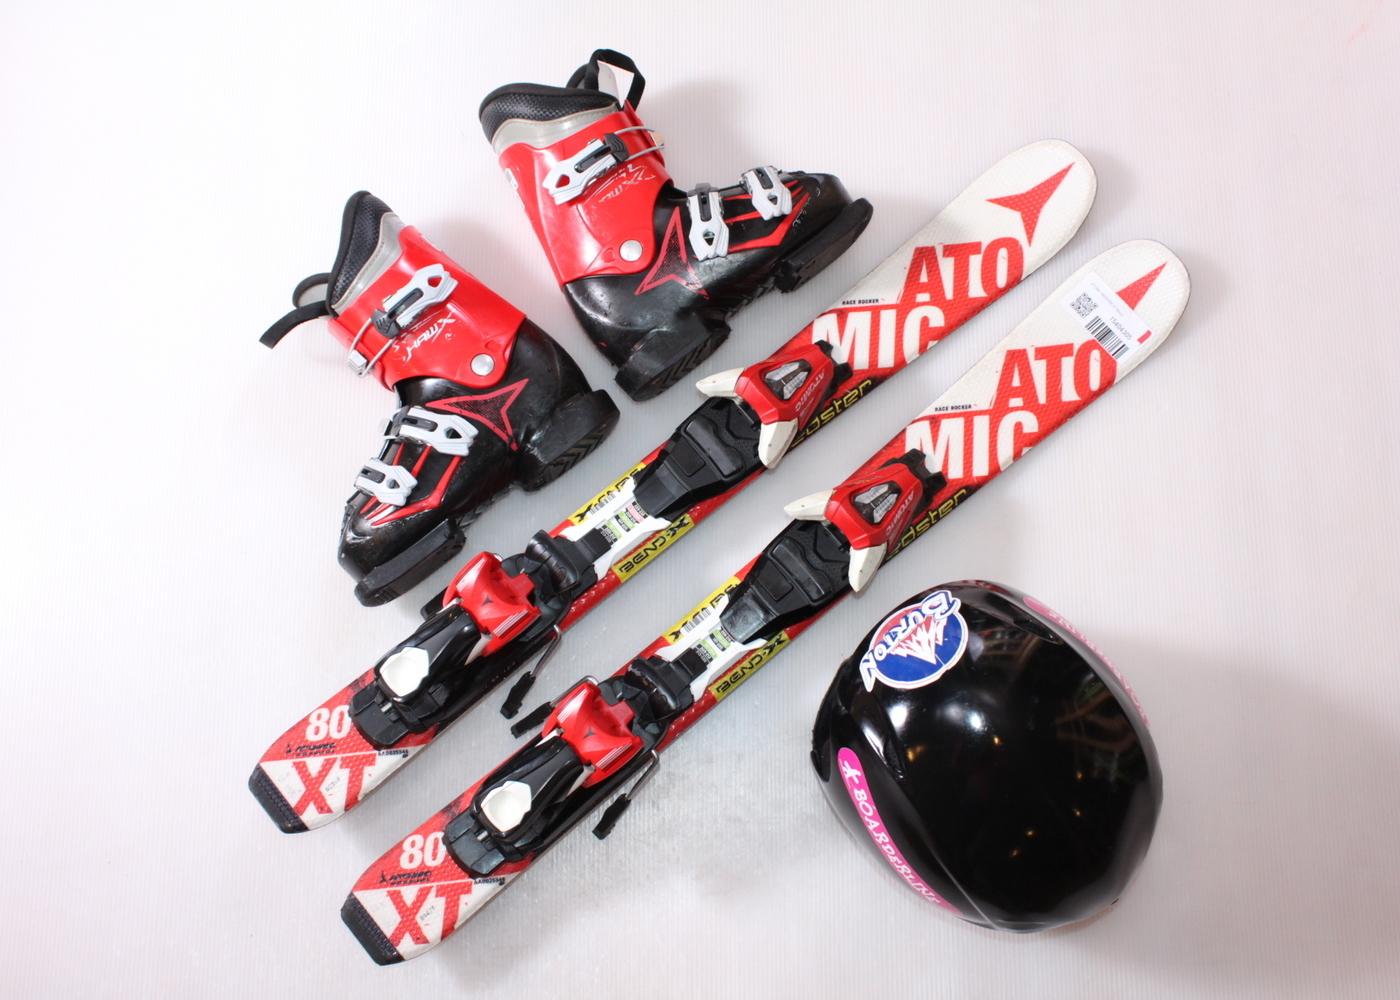 Dětské lyže ATOMIC REDSTER XT 80 cm + lyžáky  30.5EU + helma